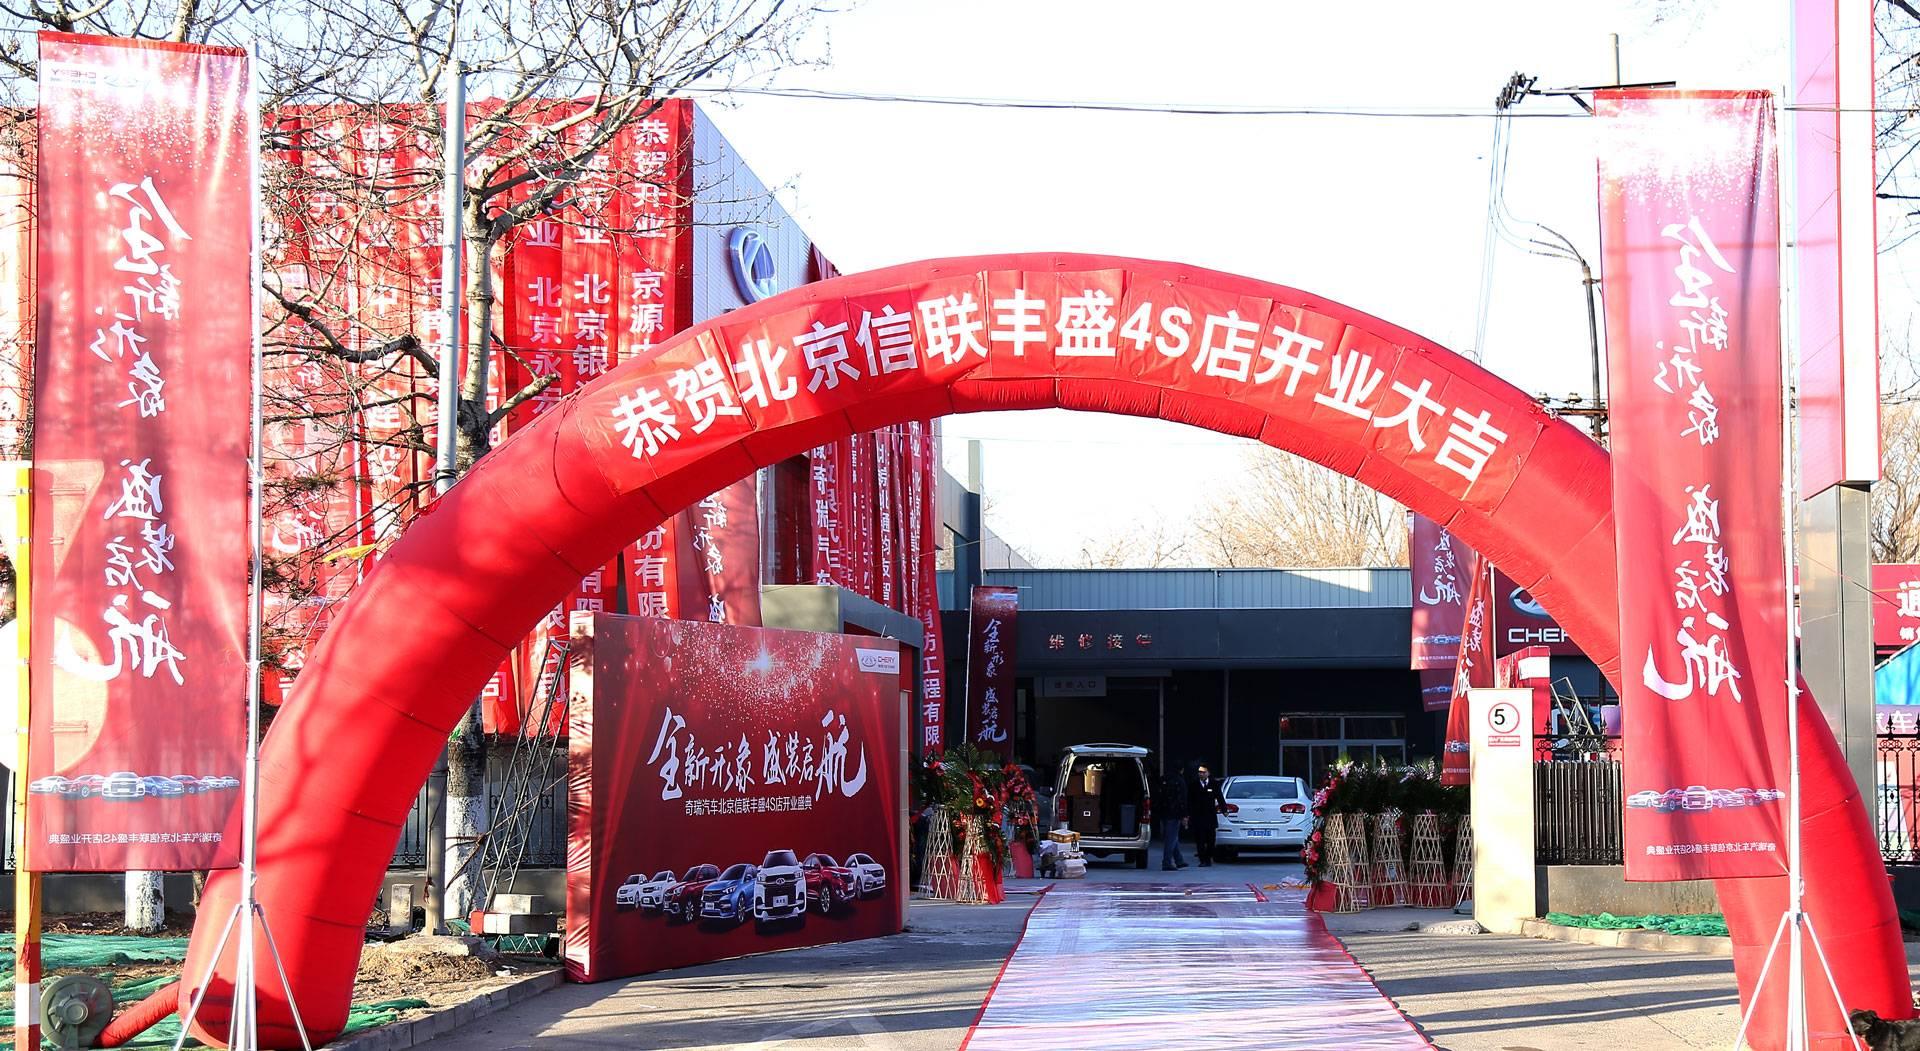 奇瑞深耕北京市场,北京信联丰盛奇瑞4S店盛大开业!